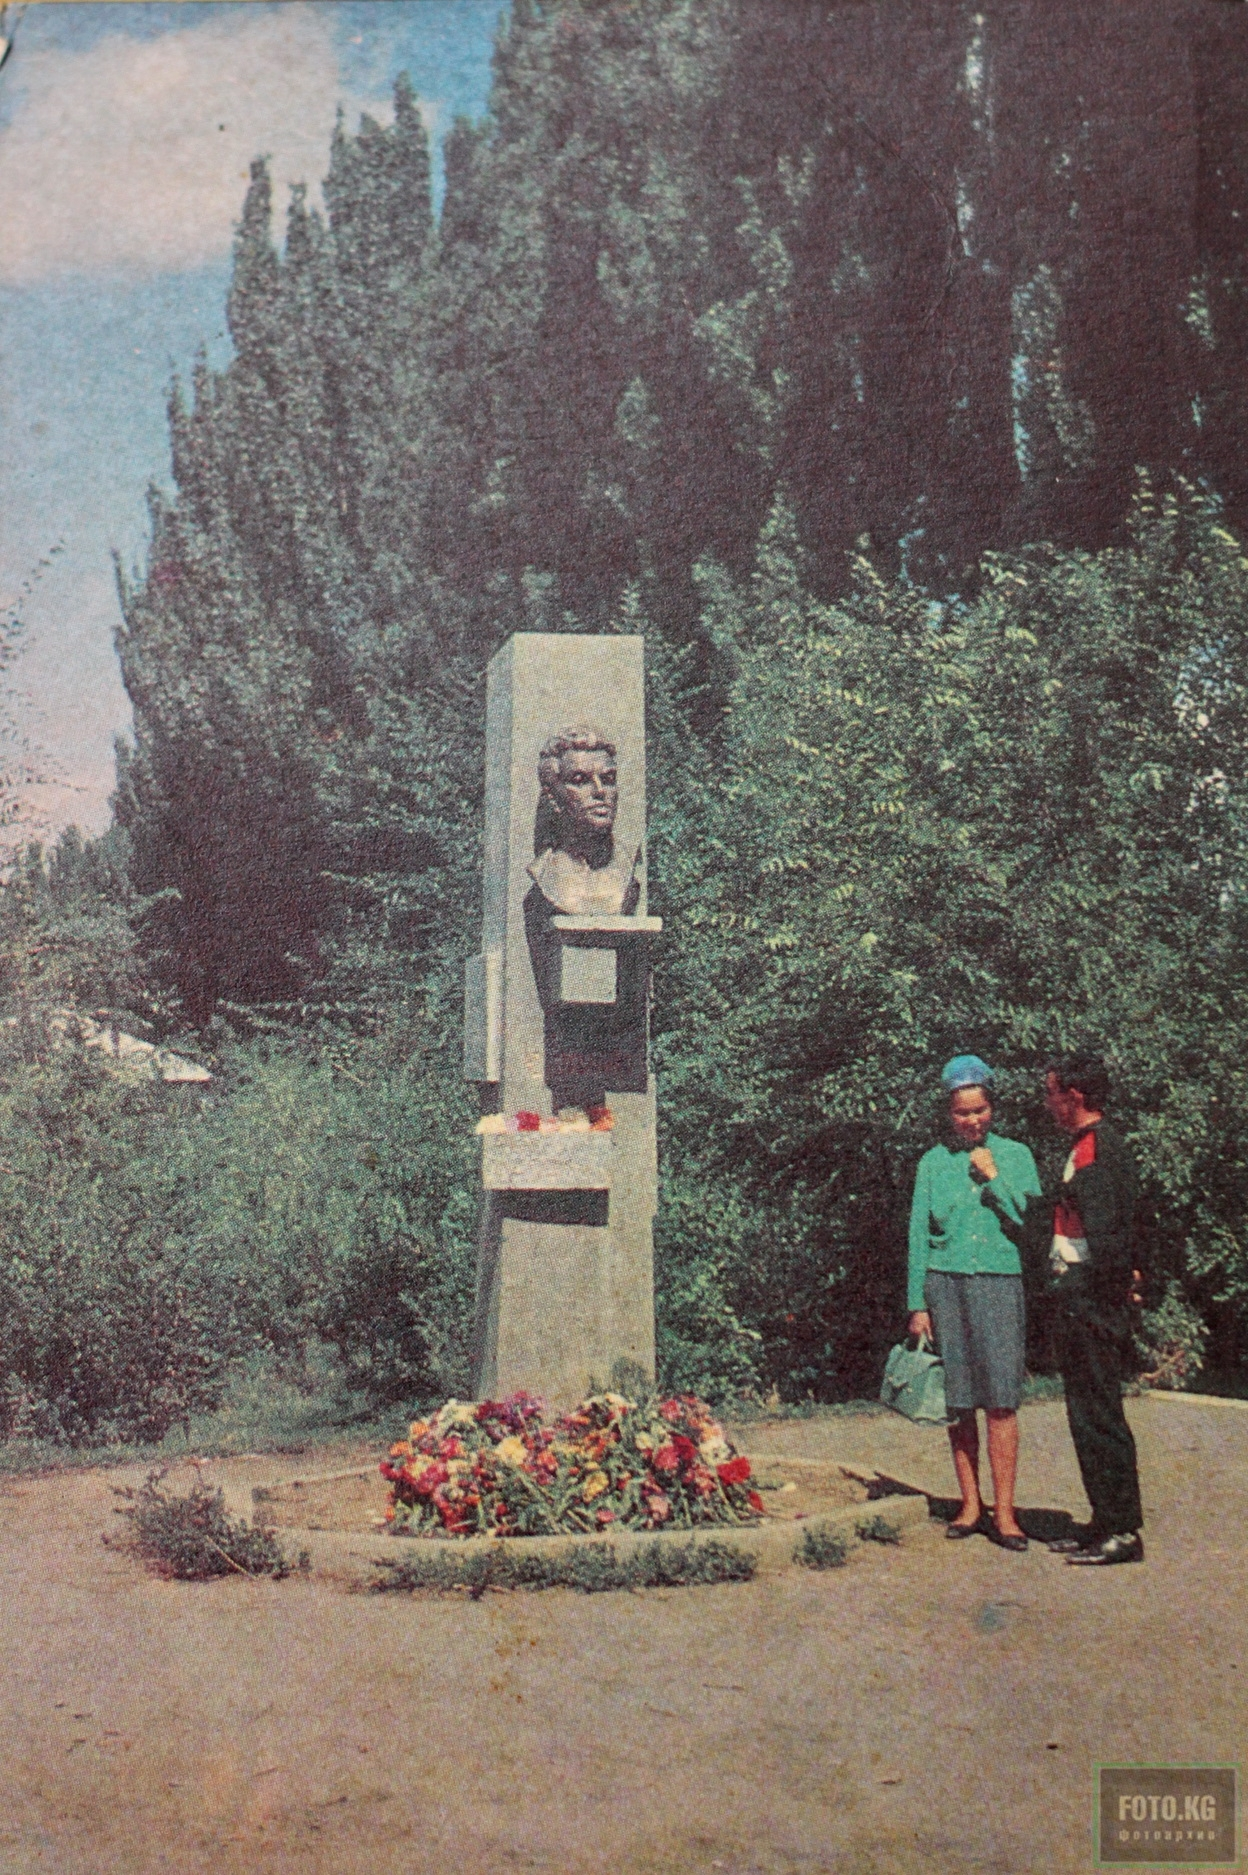 Пржевальск. Памятник Юлиусу Фучику в центральном парке .Фото: 1969 год